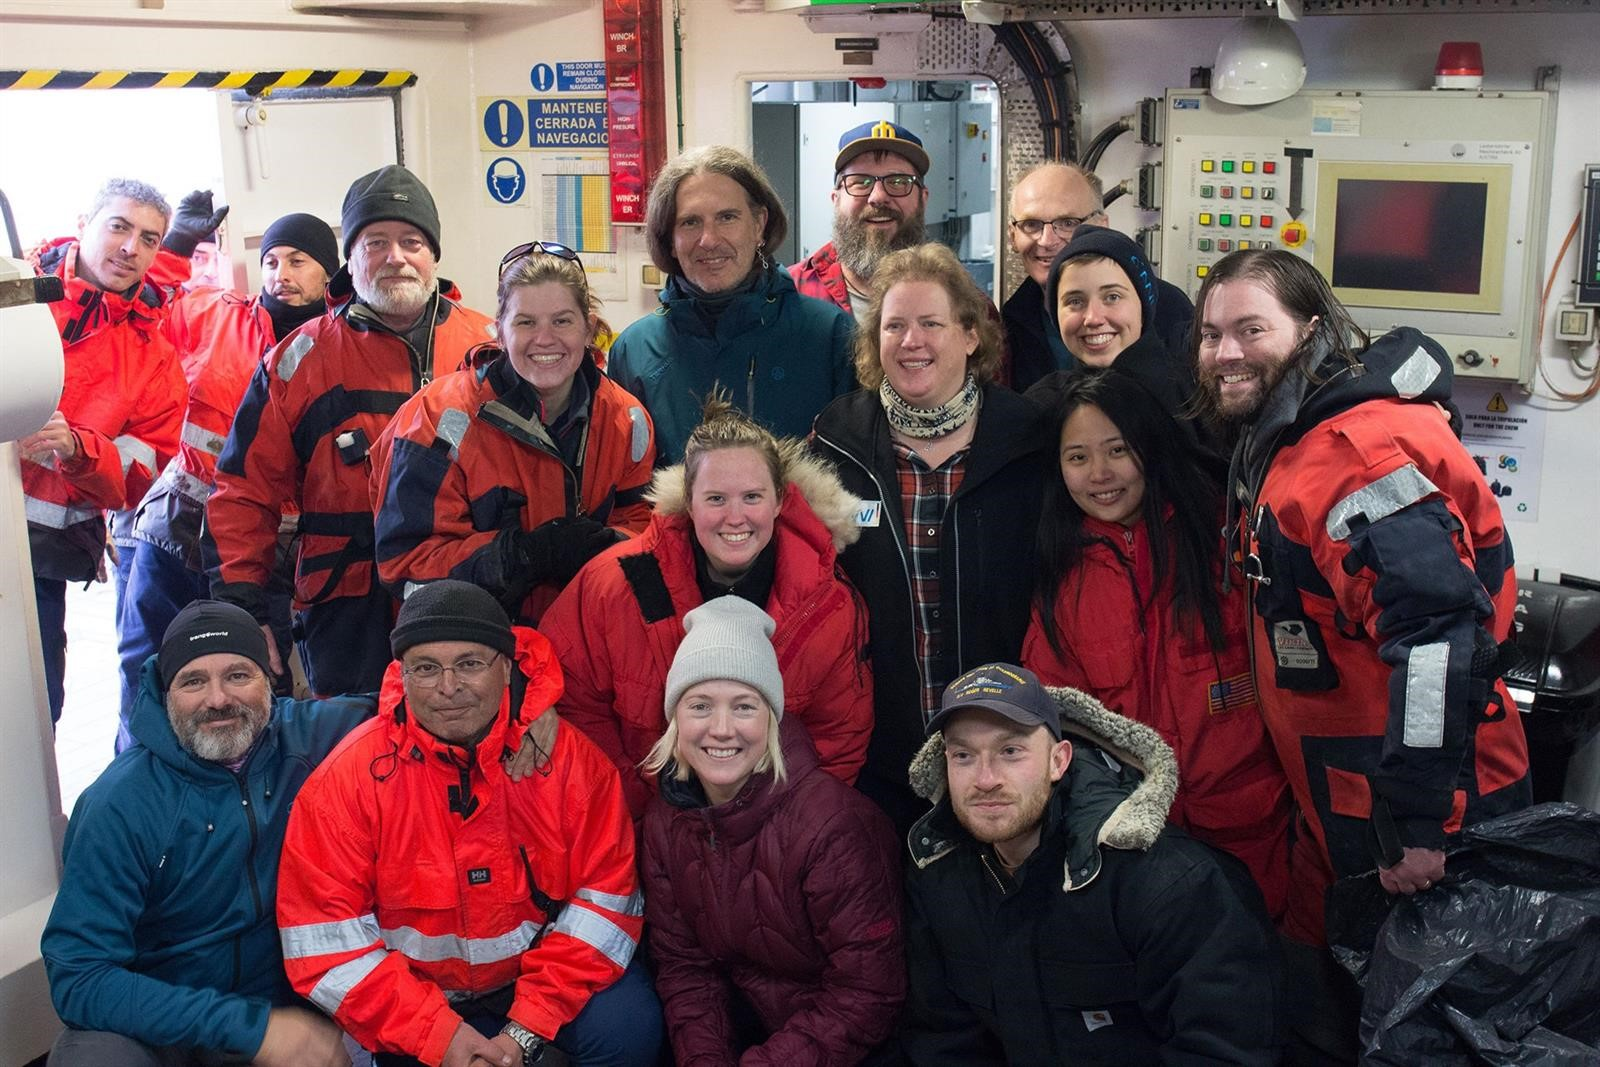 Obtienen nuevos datos sobre la sismología de volcanes submarinos del Estrecho de Bransfield, en la Antártida